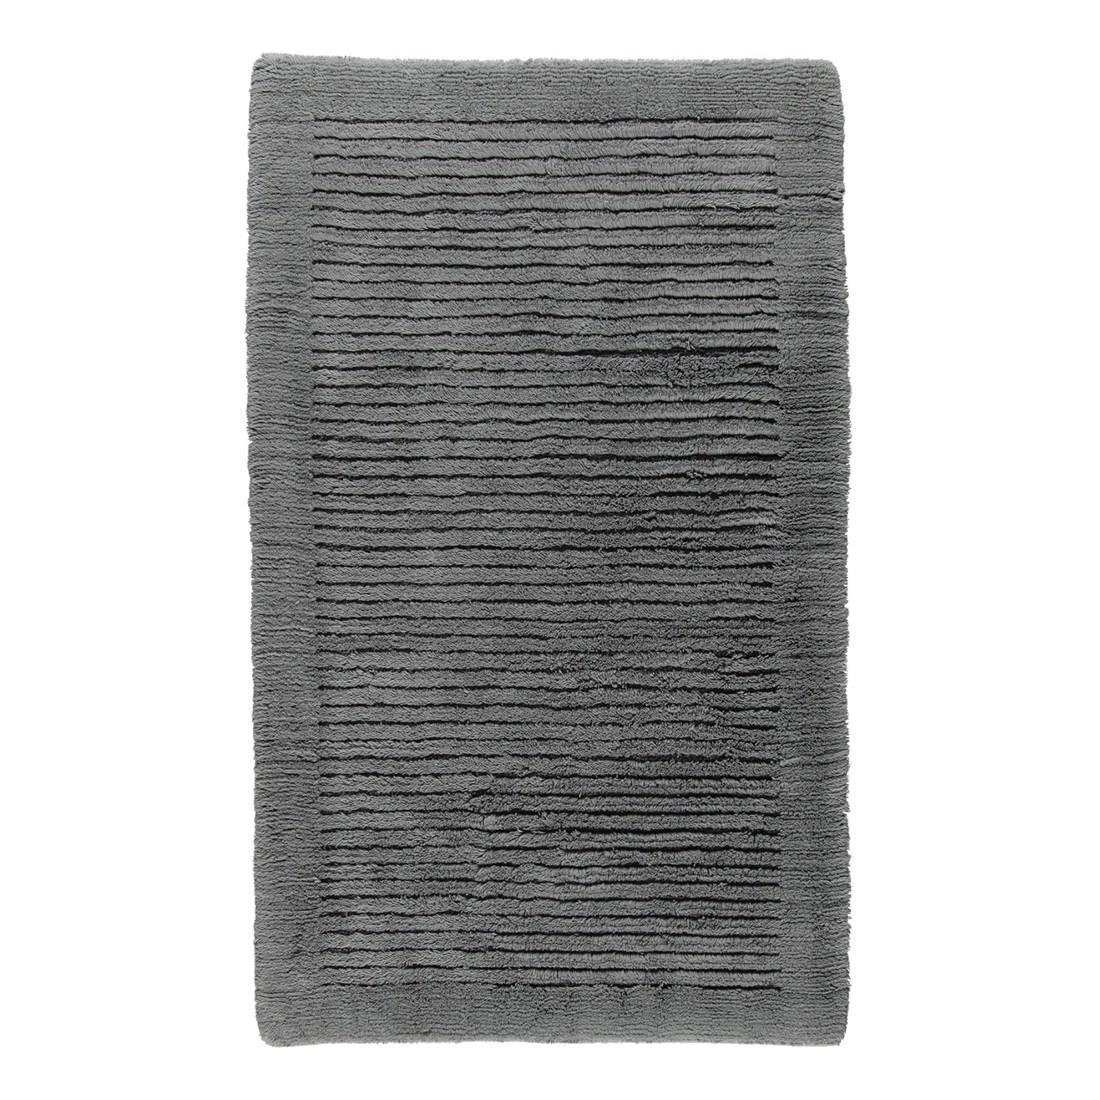 Badteppich Luxus 1002 – 100% Baumwolle – Anthrazit – 774 – Abmessungen: 60 x 100 cm, Cawö günstig online kaufen